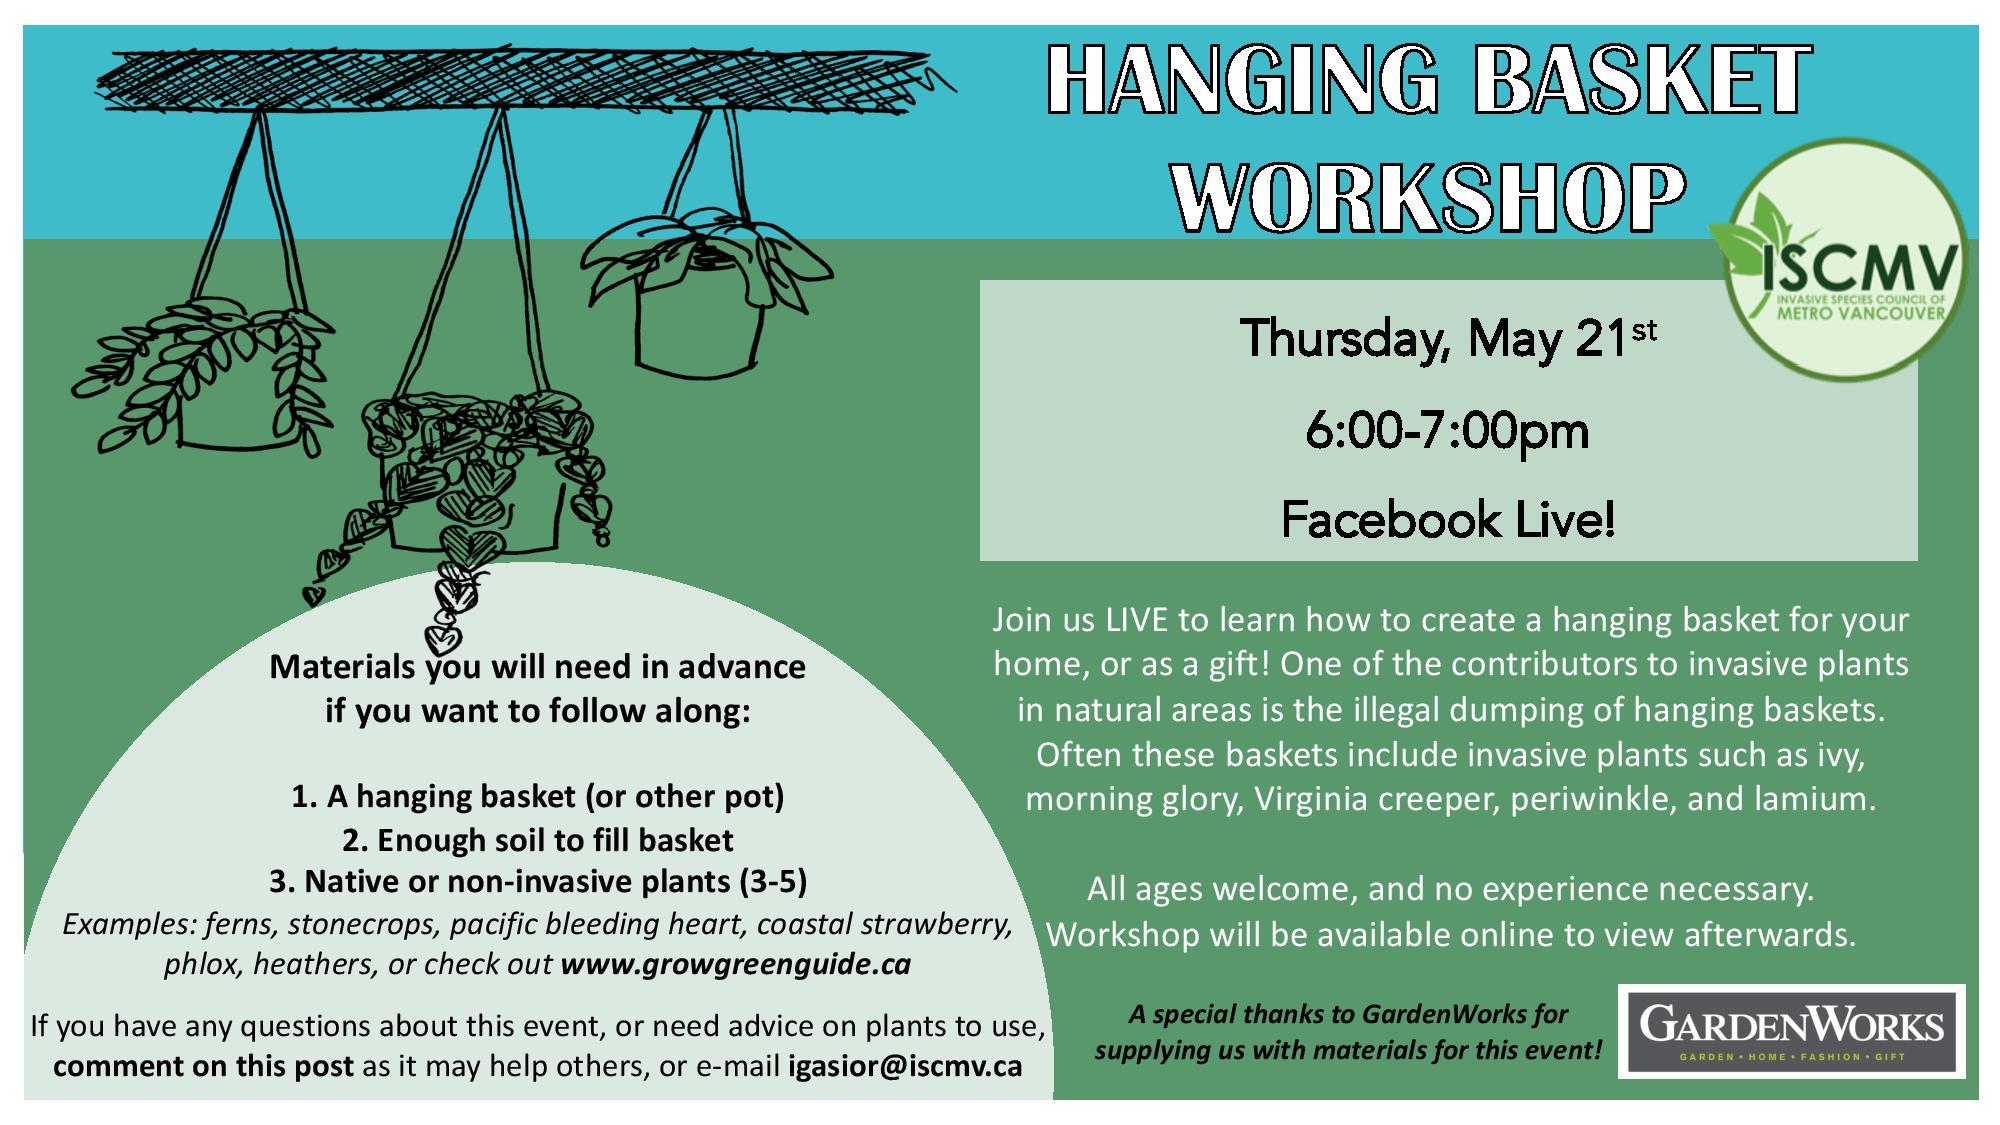 Hanging Basket Workshop photo